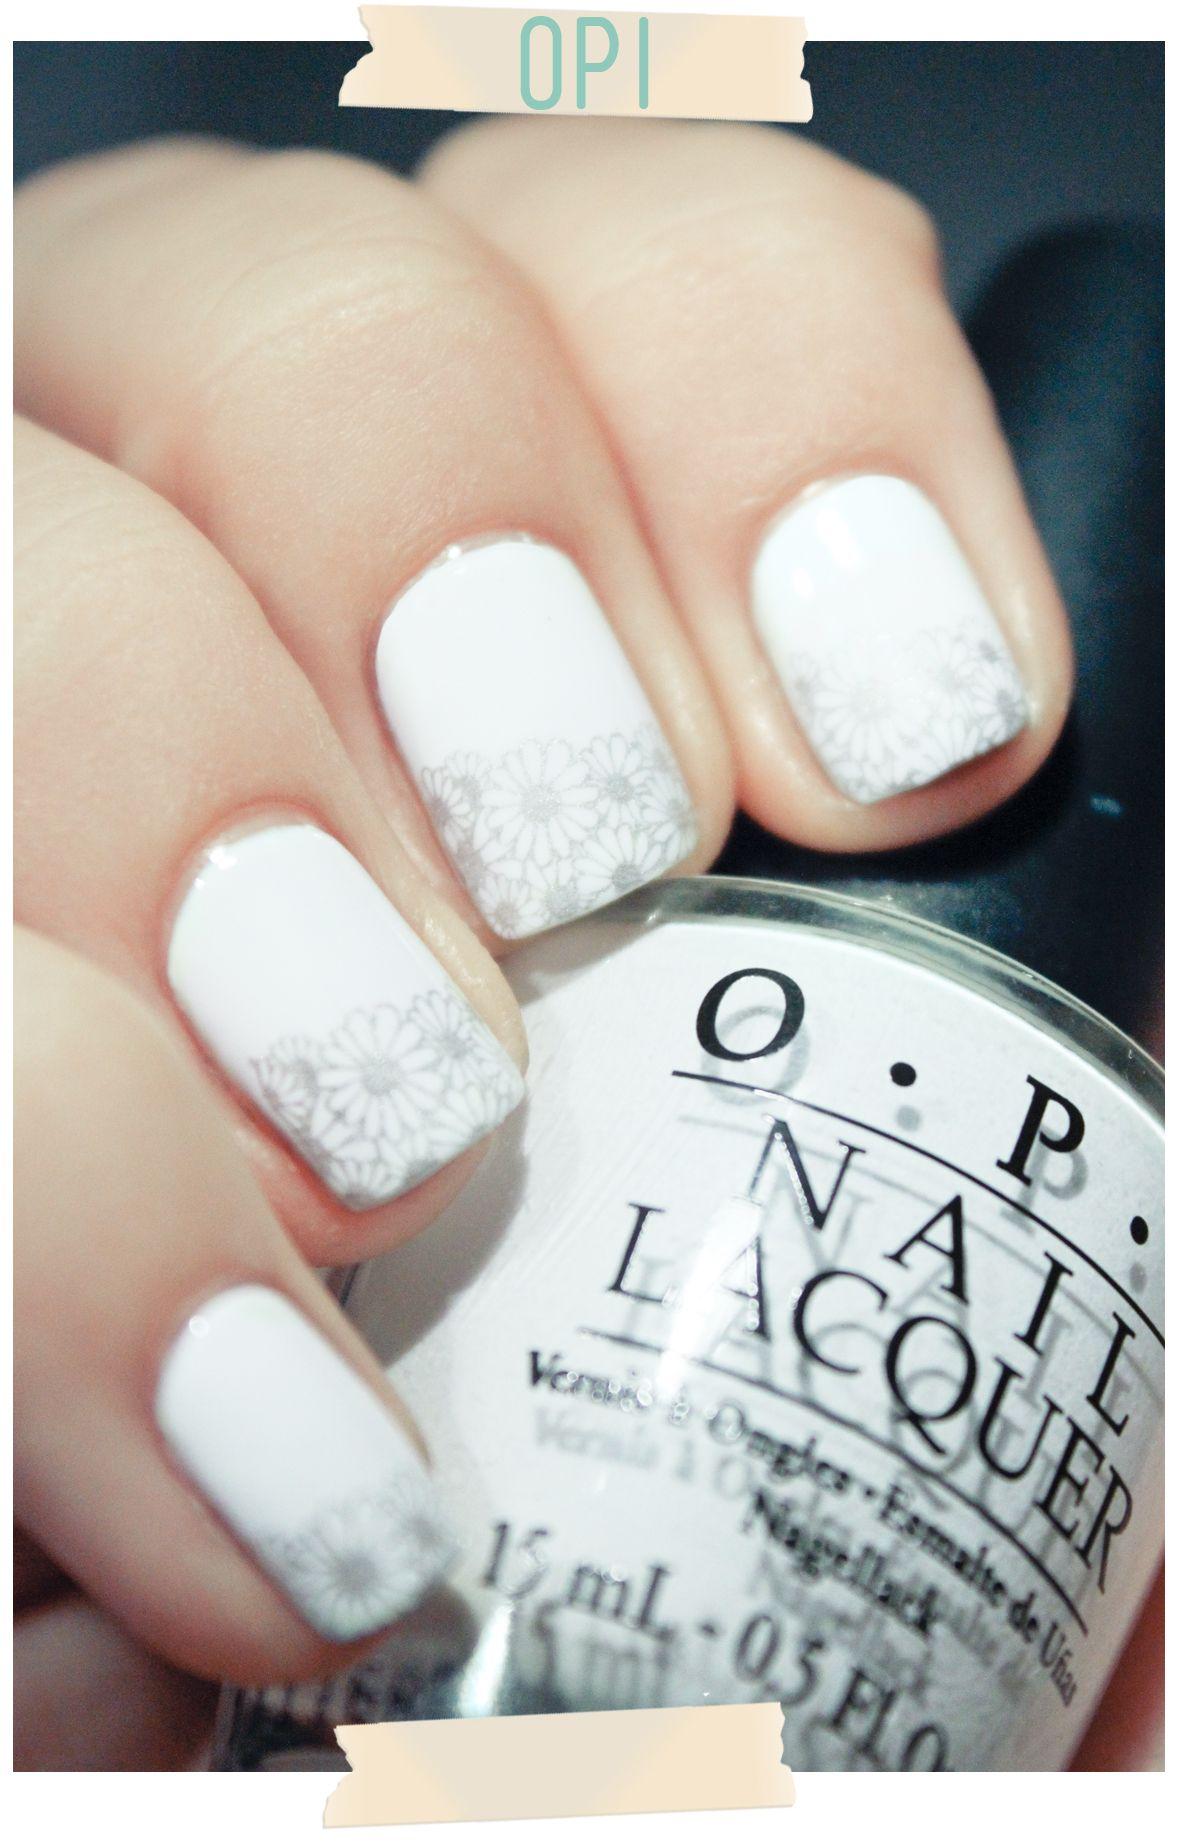 OPI - Alpine Snow + stamping